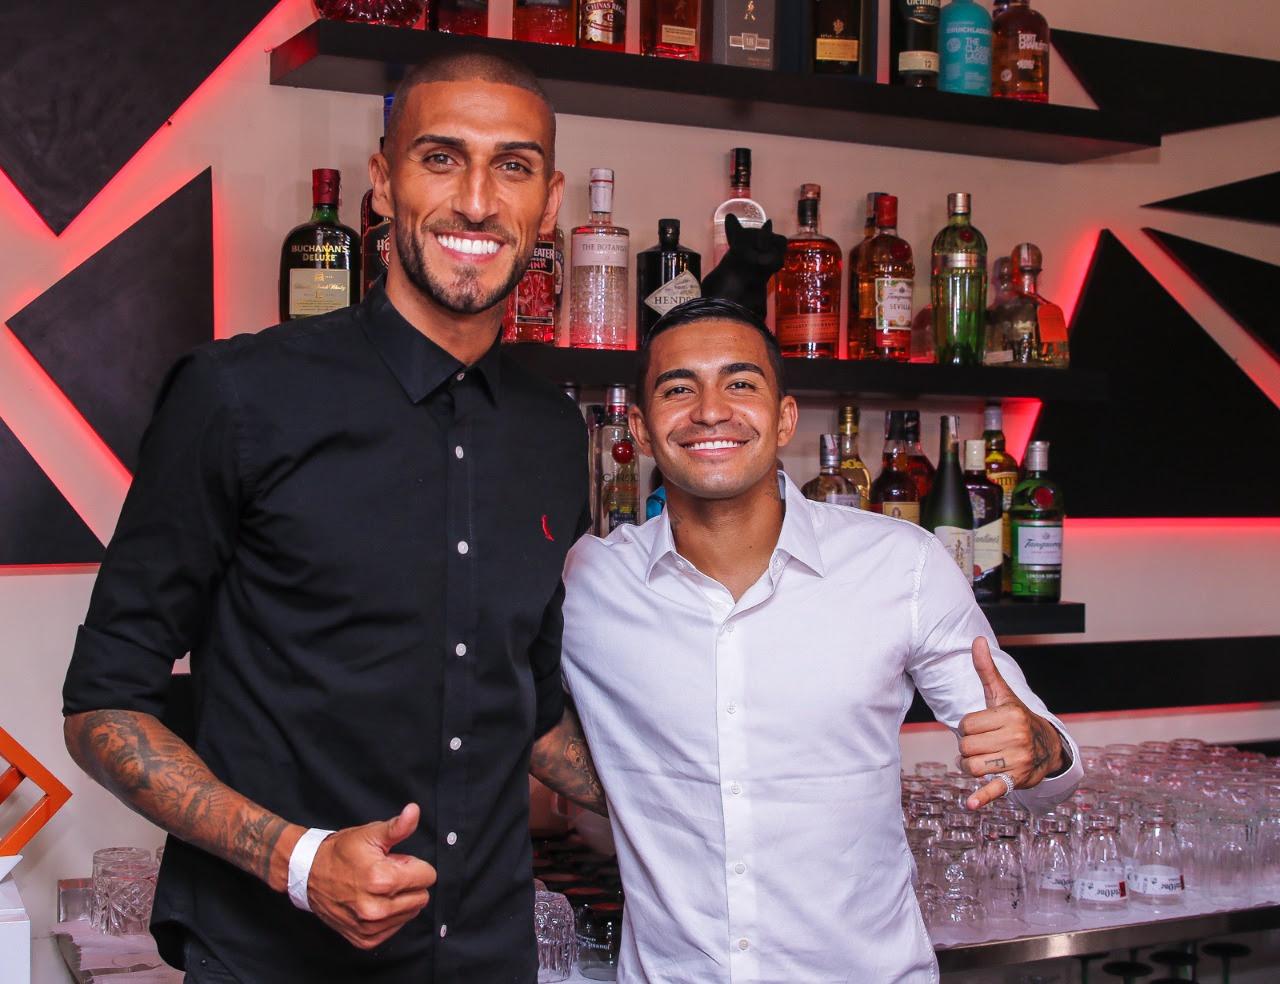 Dudu e Rafa Marques inauguram bar gourmet em São Paulo